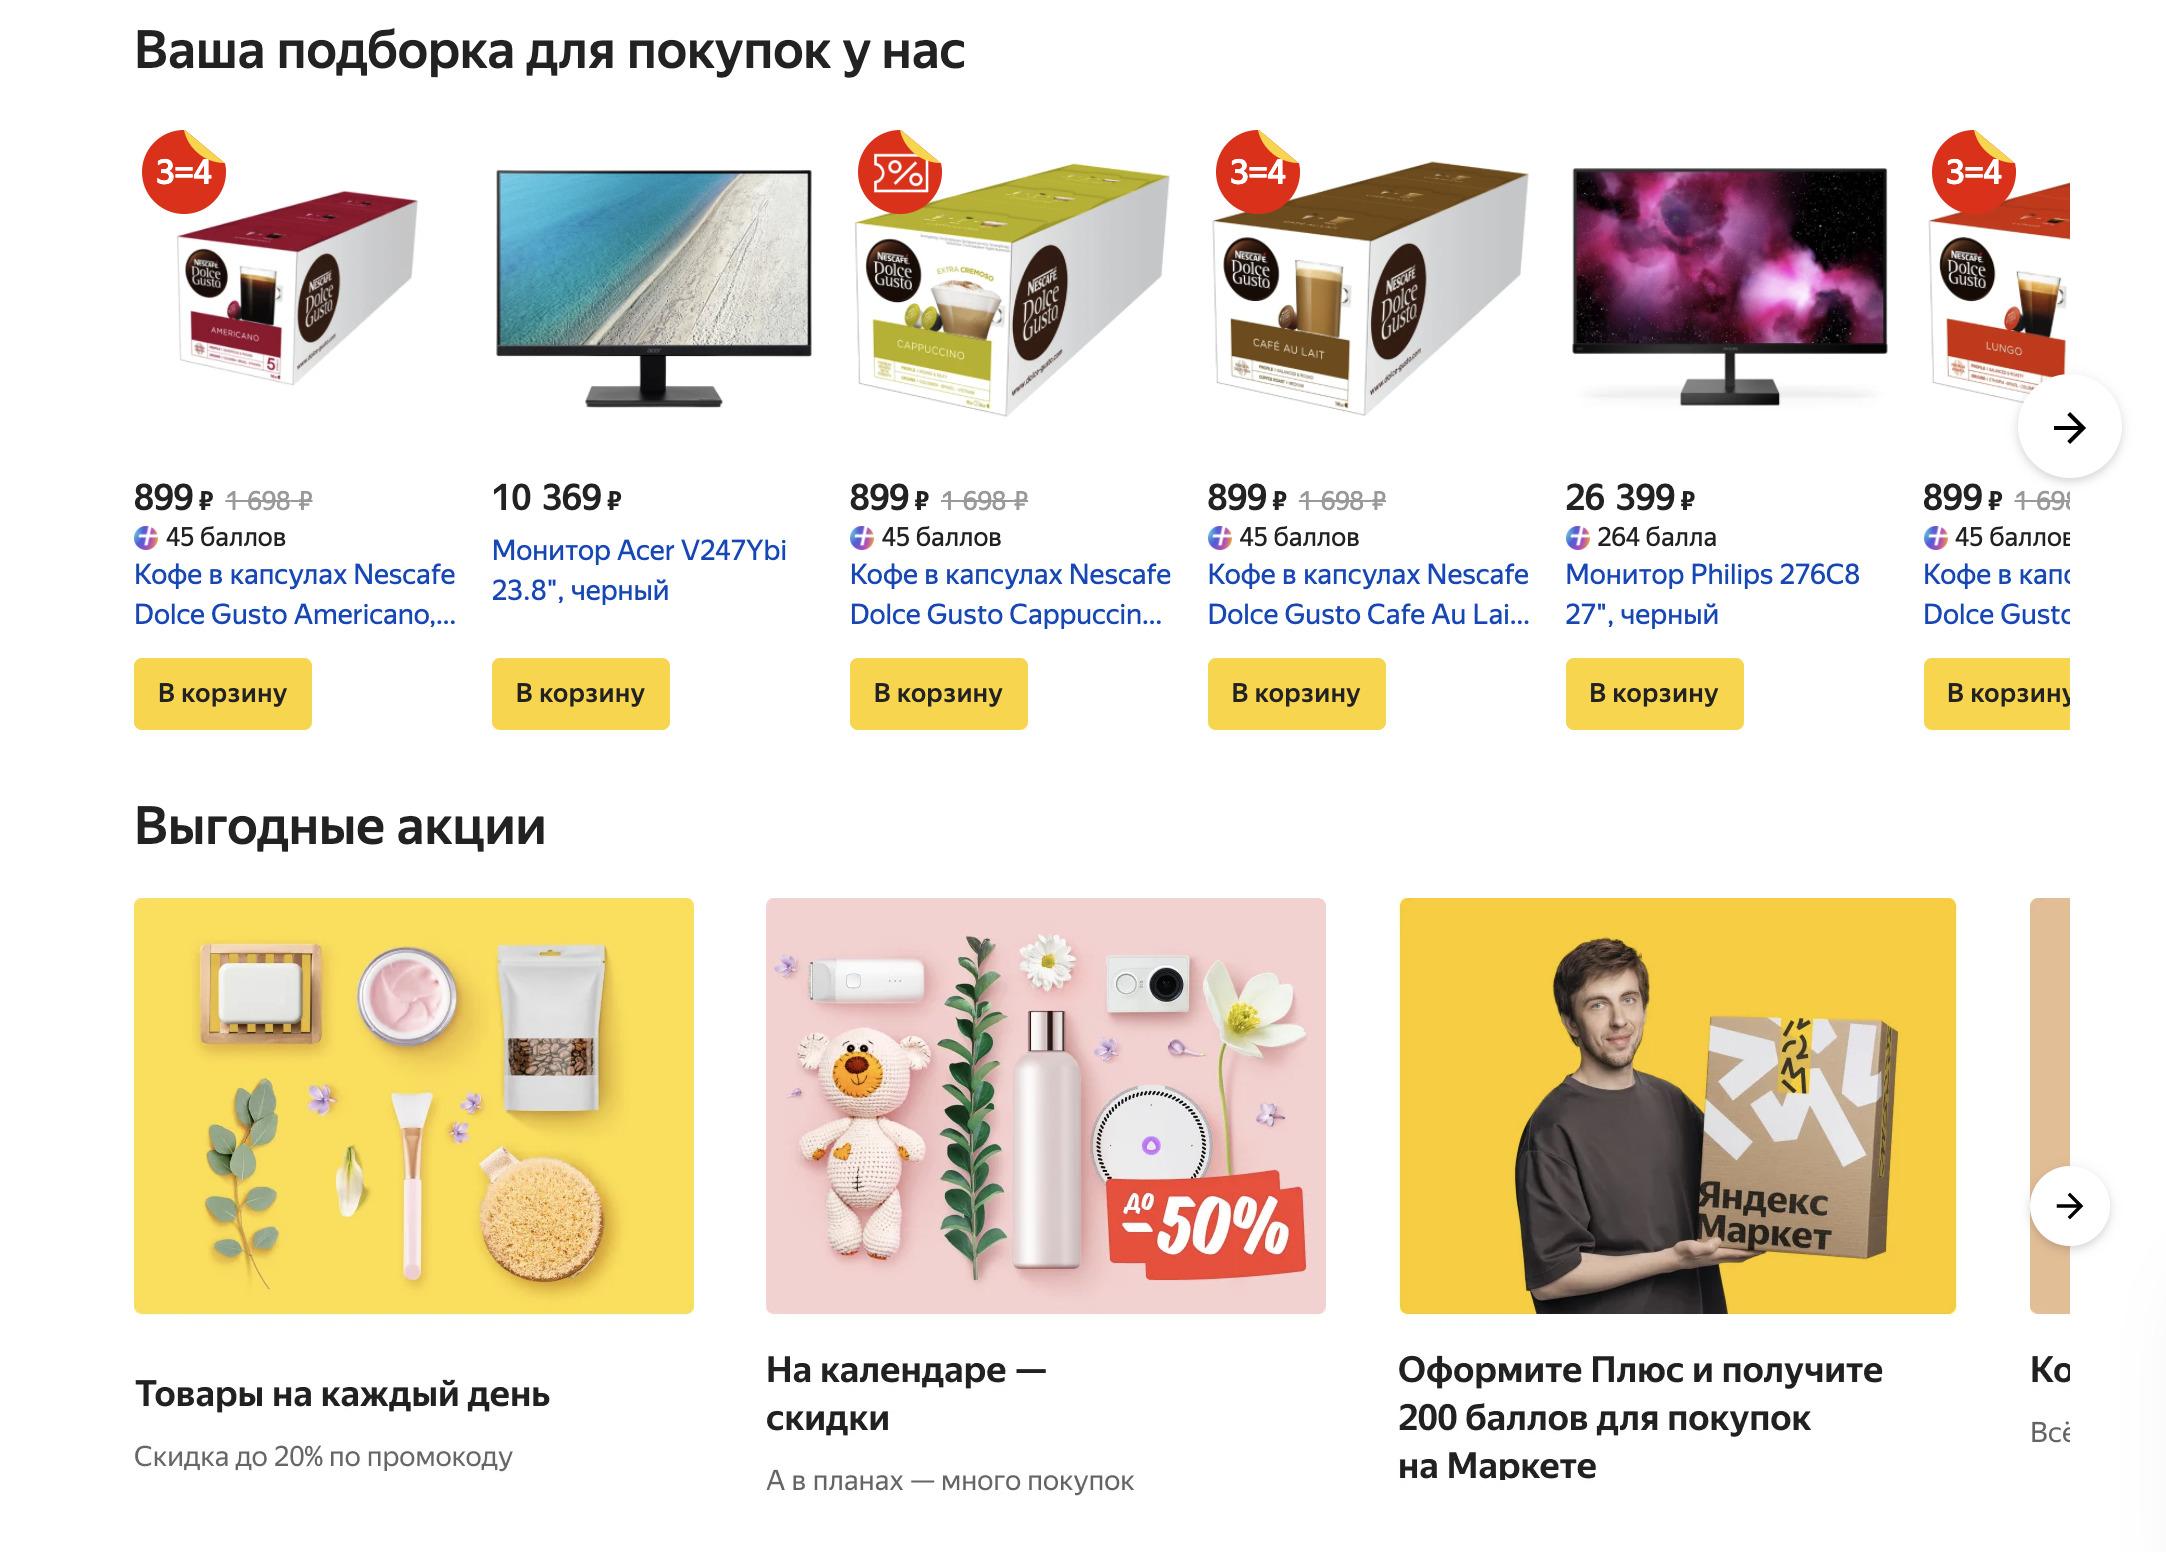 Доставка из Яндекс.Маркет в Владимир, сроки, пункты выдачи, каталог